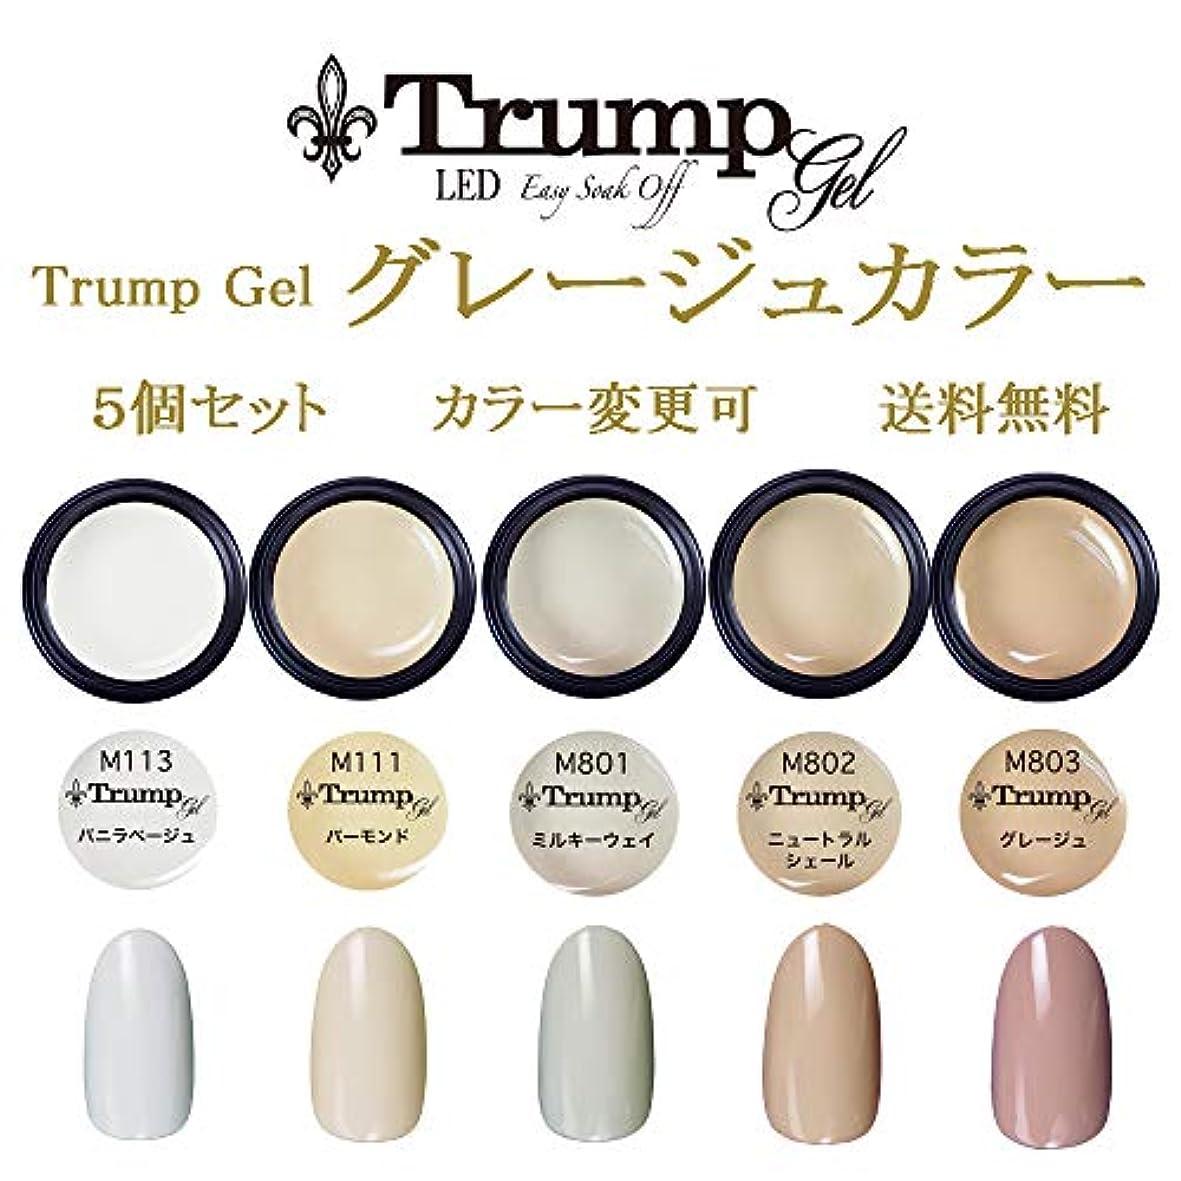 びっくりする砂利見せます日本製 Trump gel トランプジェル グレージュカラー 選べる カラージェル 5個セット ホワイト ベージュ ピンク スモーク